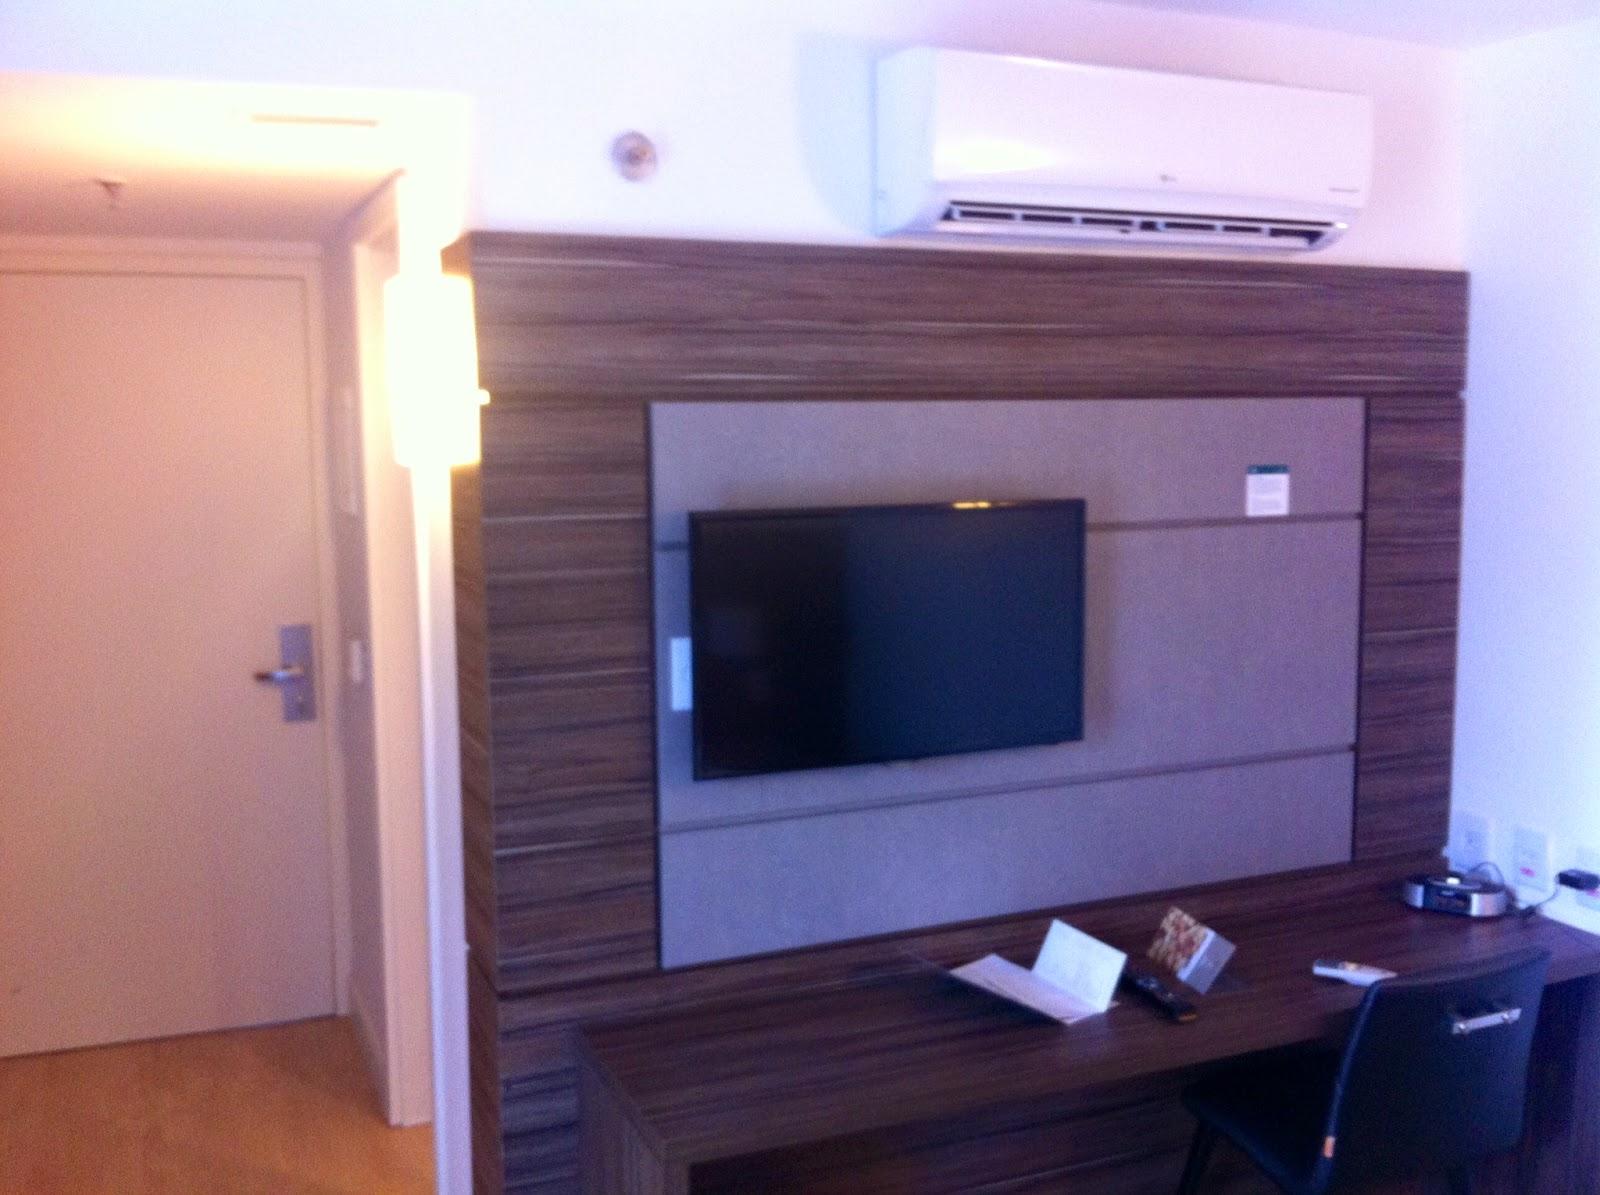 image%2B(2) - Hotel super recomendado! Laghetto Viverone Moinhos - Porto Alegre/RS